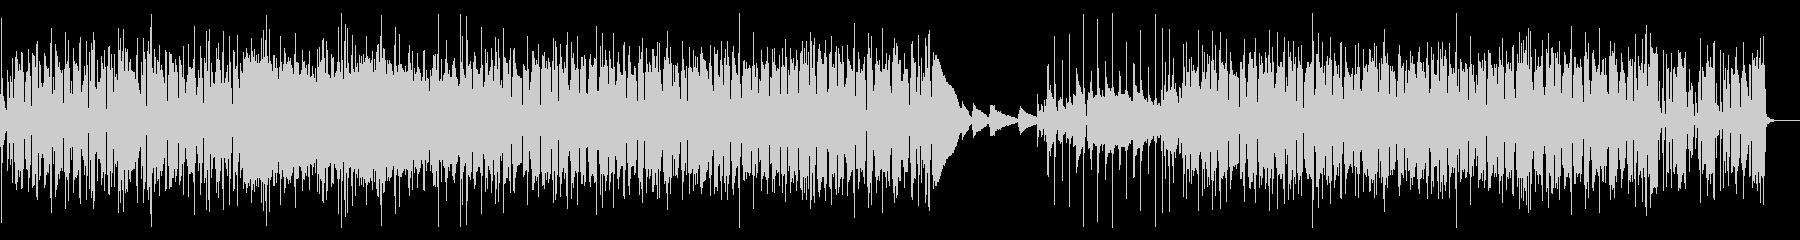 スタイリッシュなポップス(バンド演奏)の未再生の波形